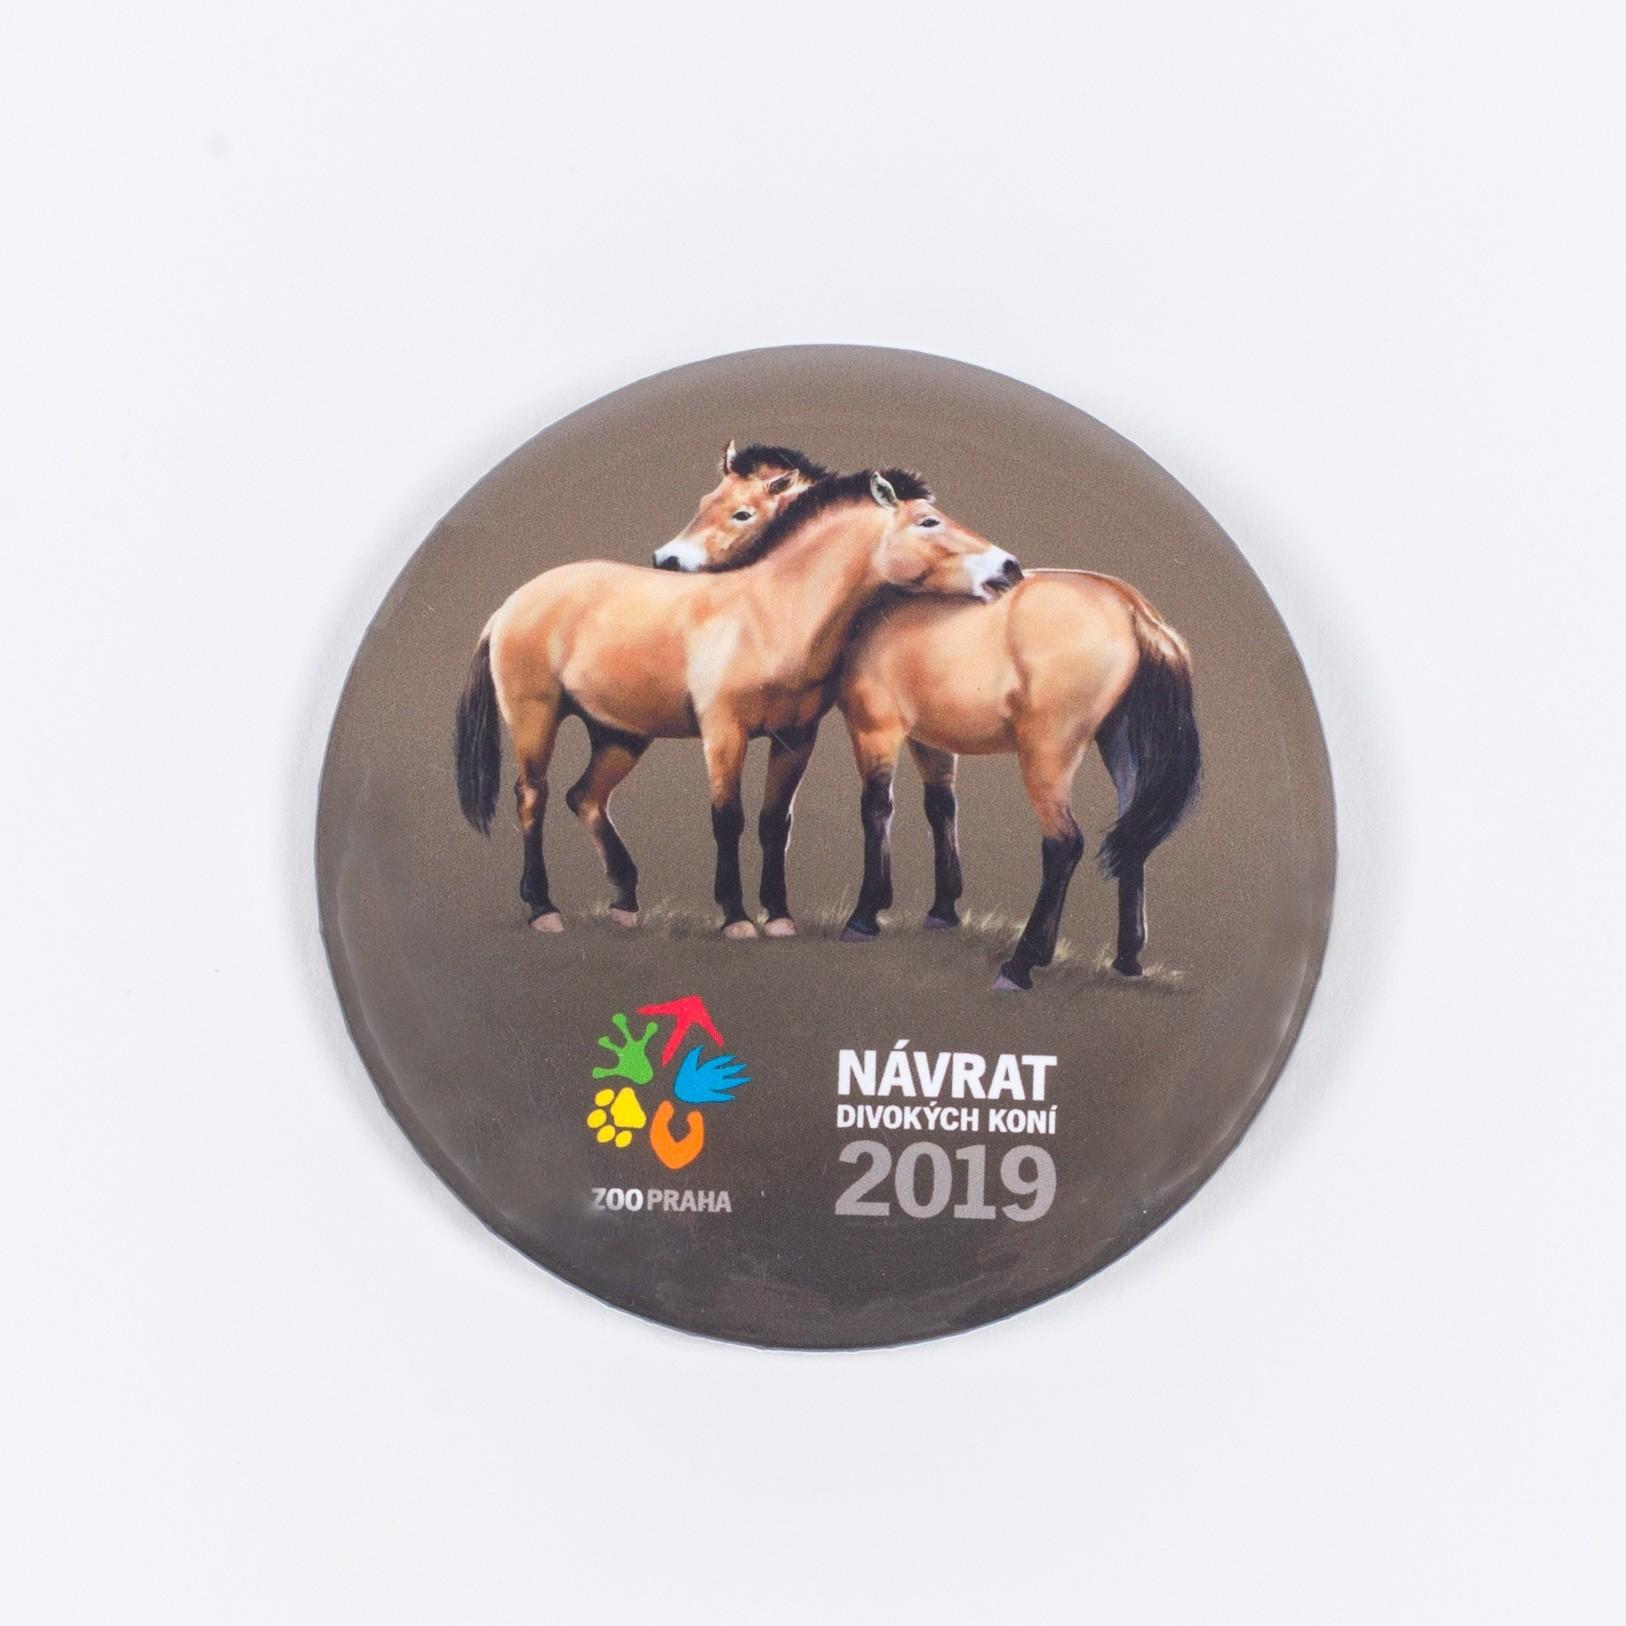 Buton - Návrat divokých koní Převalského 2019